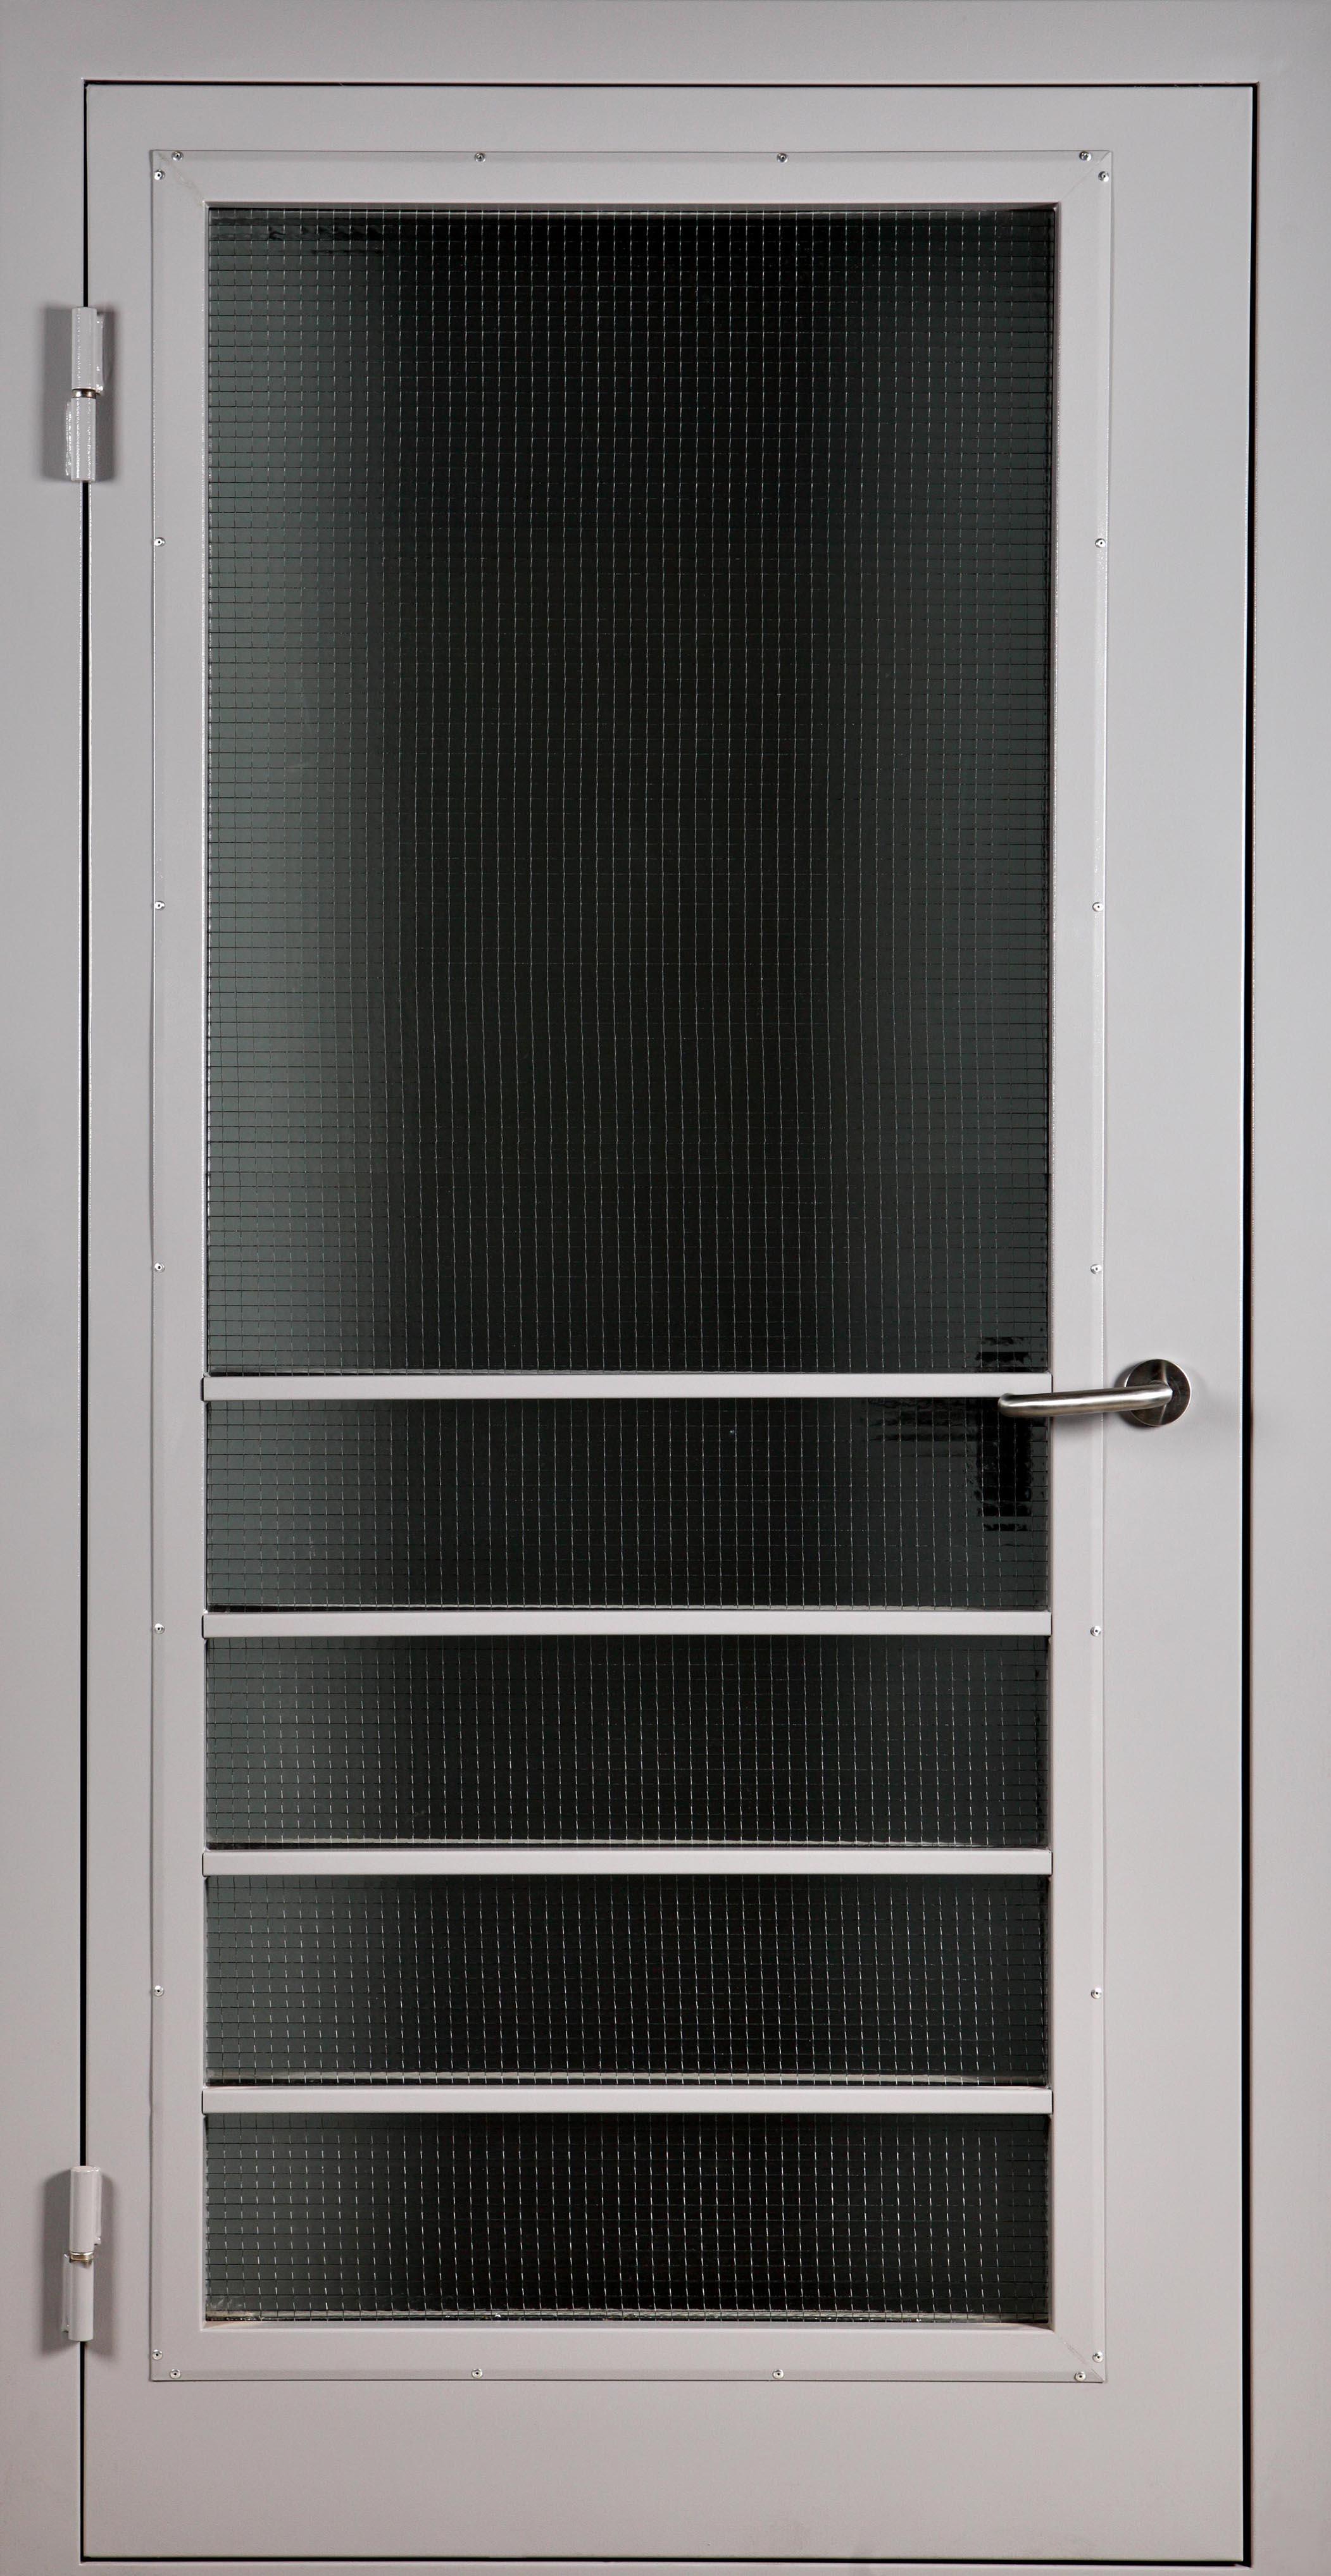 Техническая дверь переходного балкона с защитной решеткой дм.